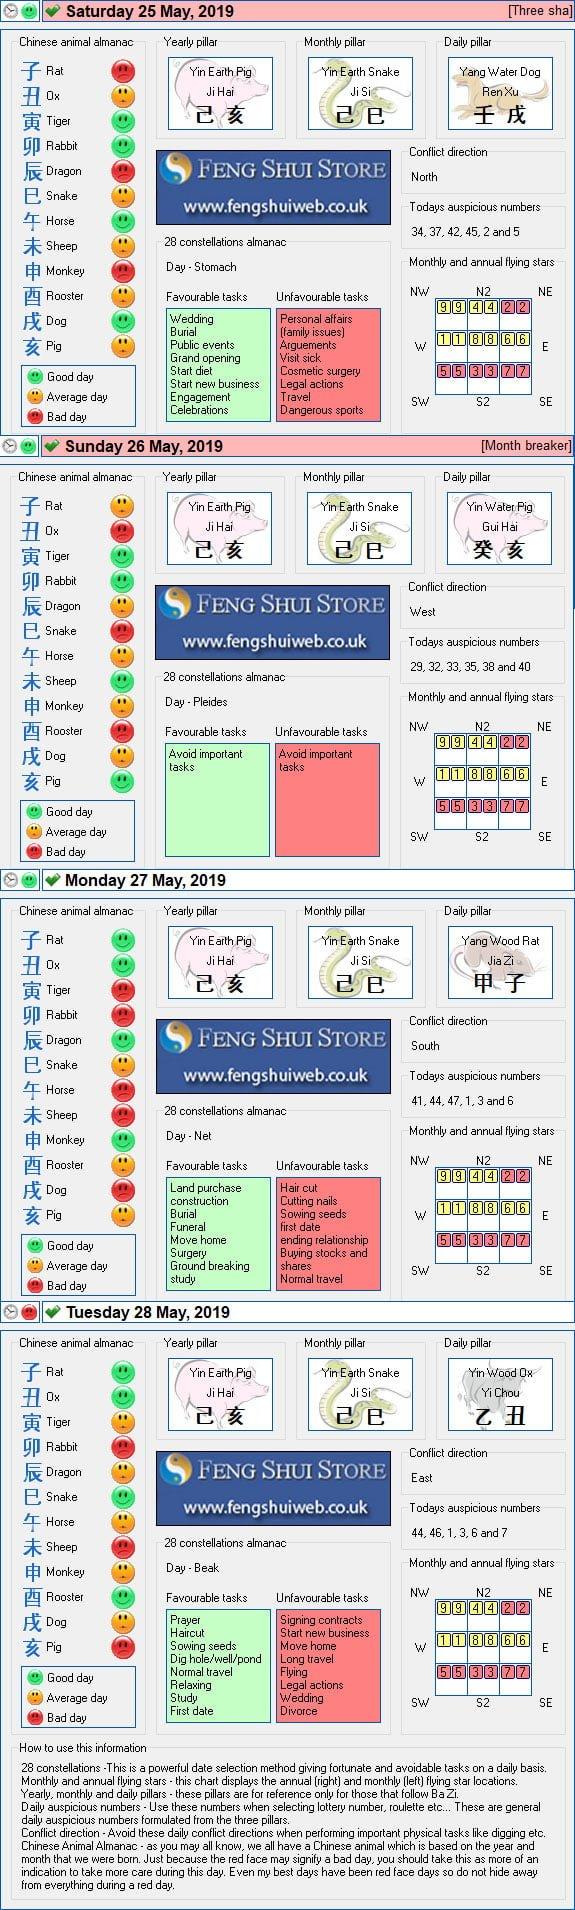 Tong Shu Almanac for Saturday 25th - Tuesday 28th May 2019